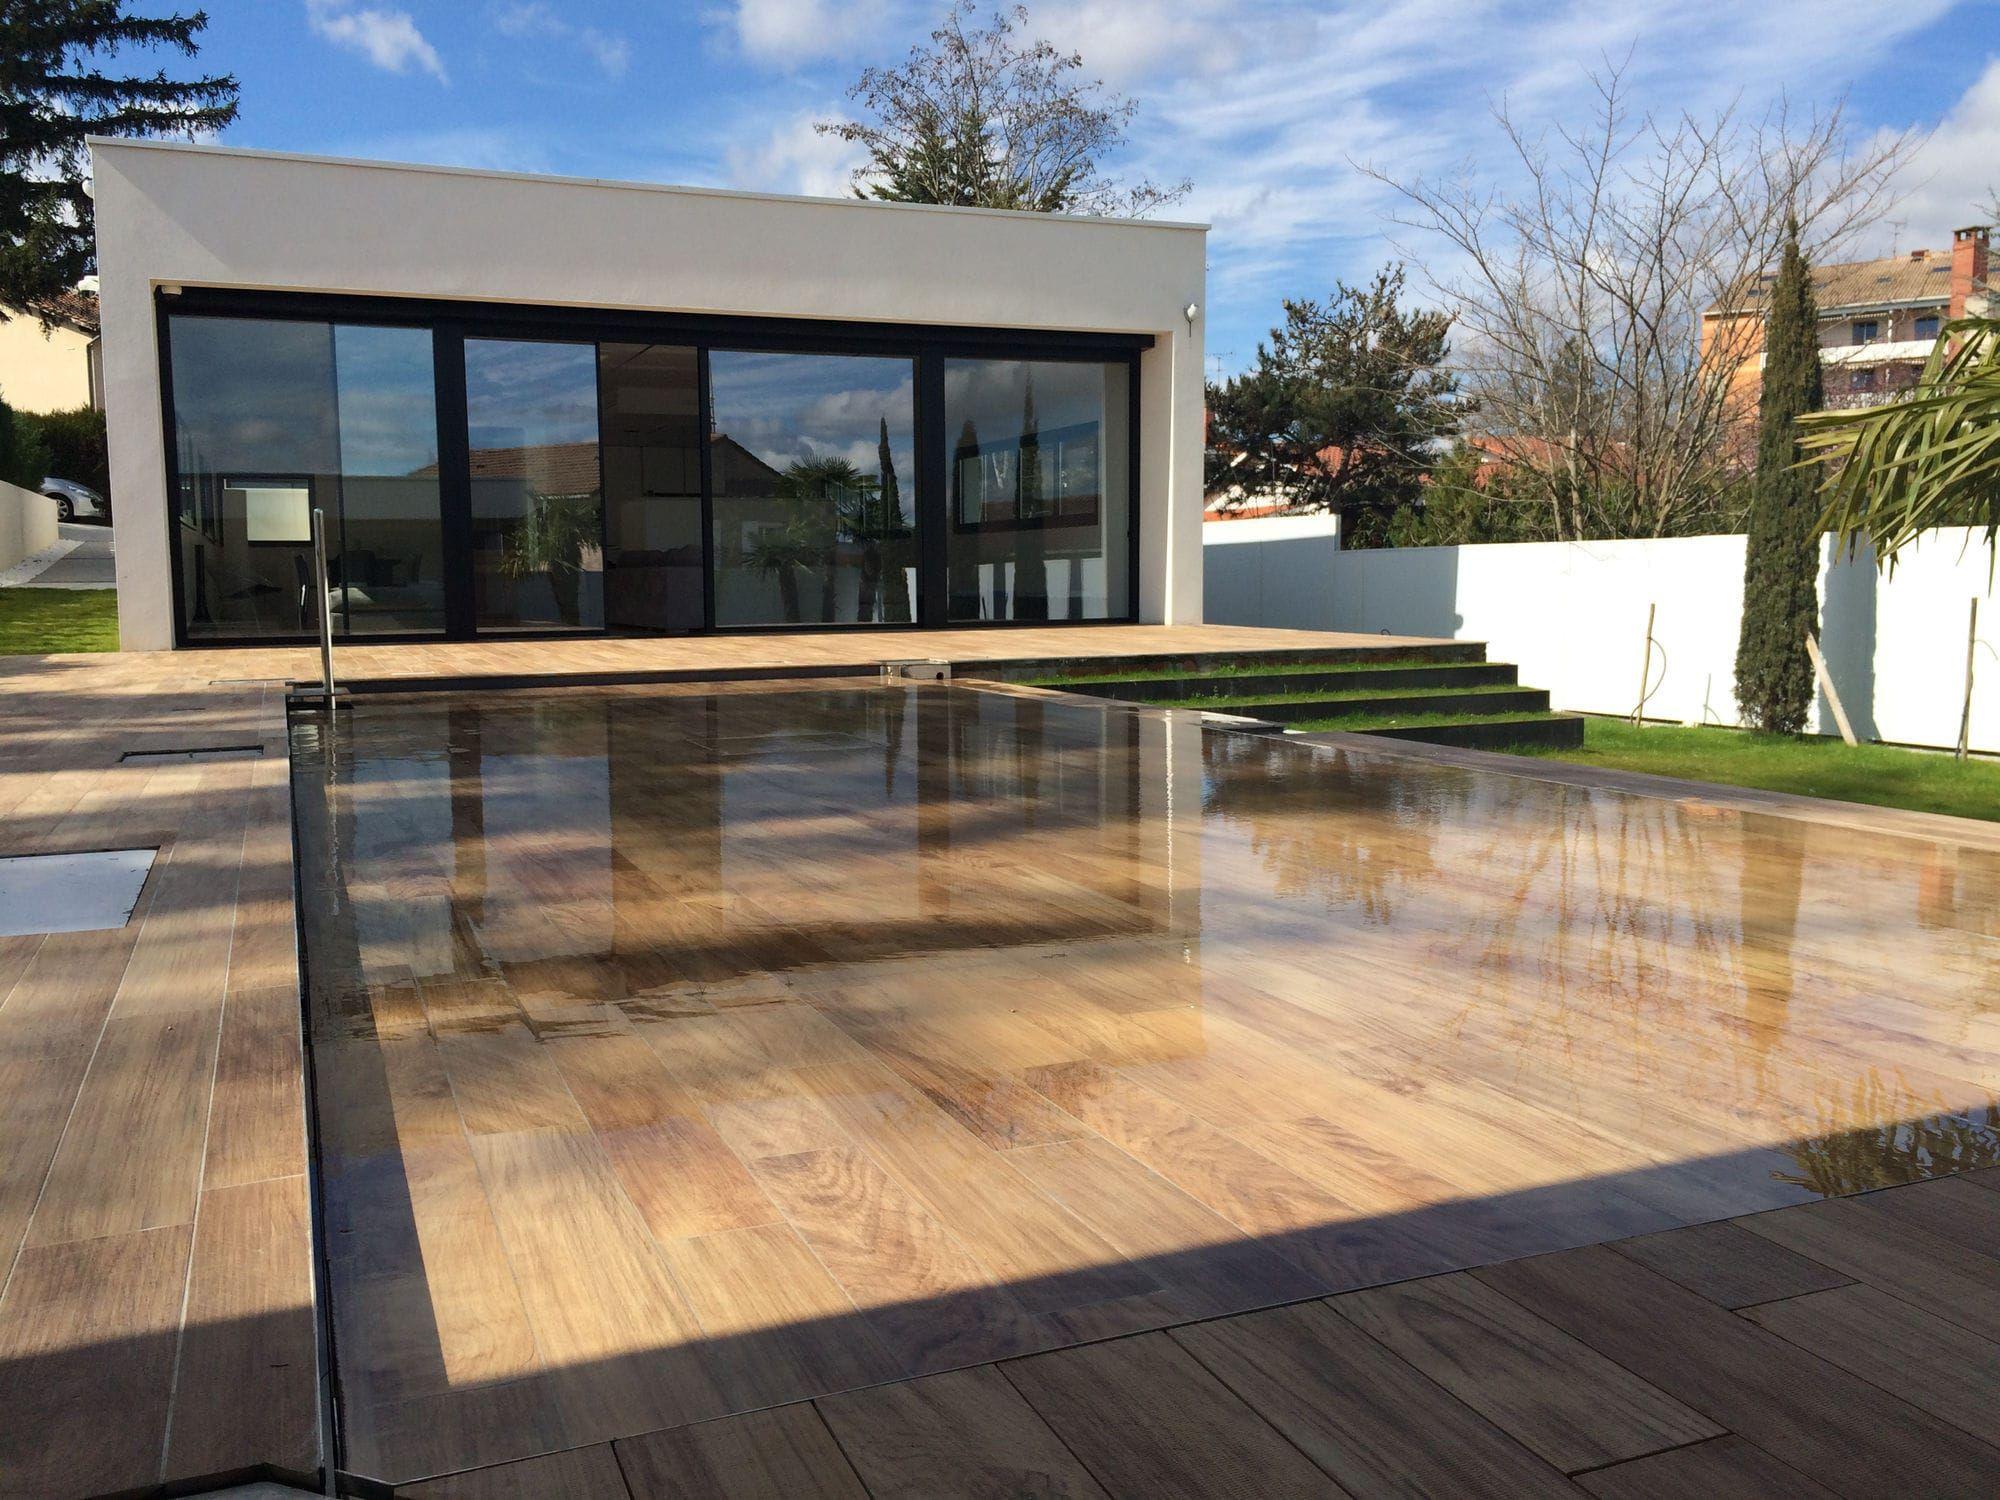 Pin Von Sean Balasuriya Realtor Auf Gartengestaltung In 2020 Villen Swimmingpool Gartengestaltung